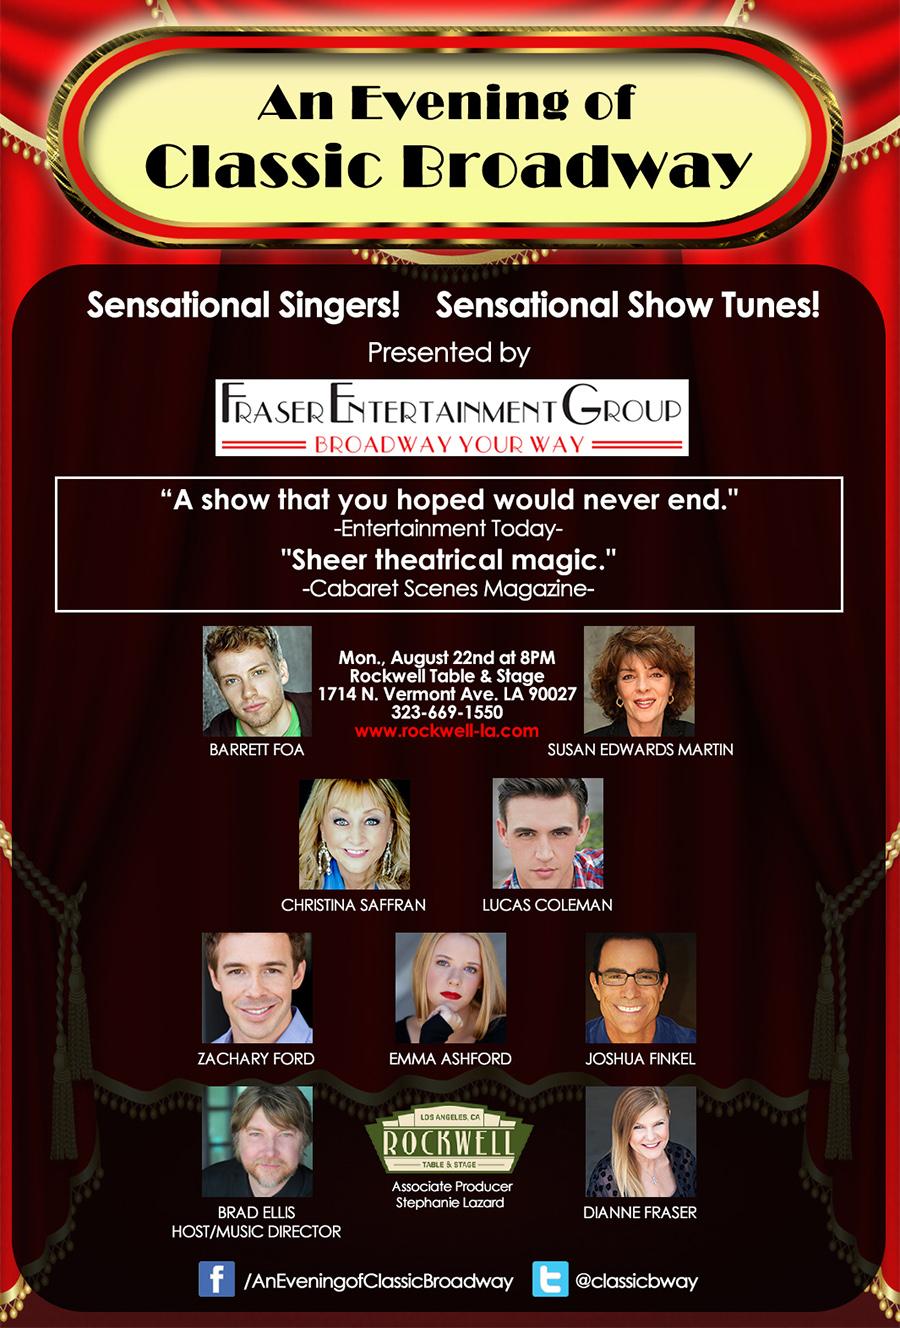 Classic-Broadway-Cabaret-Scenes-Magazine